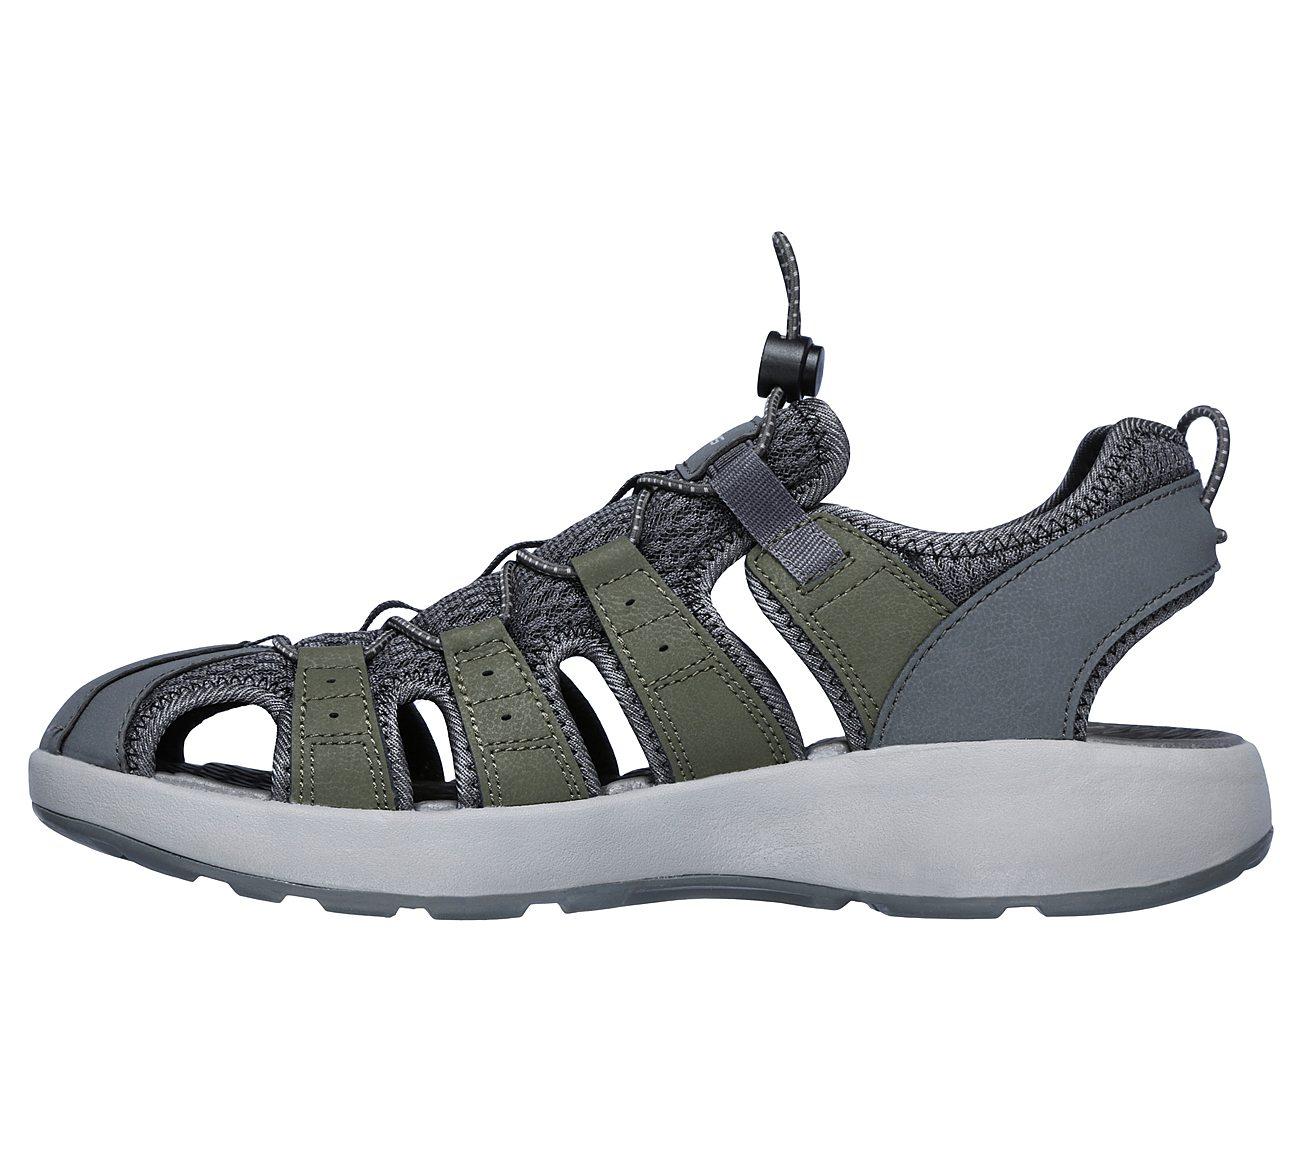 7b8b7d566bfd Buy SKECHERS Melbo - Journeyman 2 SKECHERS Sport Shoes only £54.00